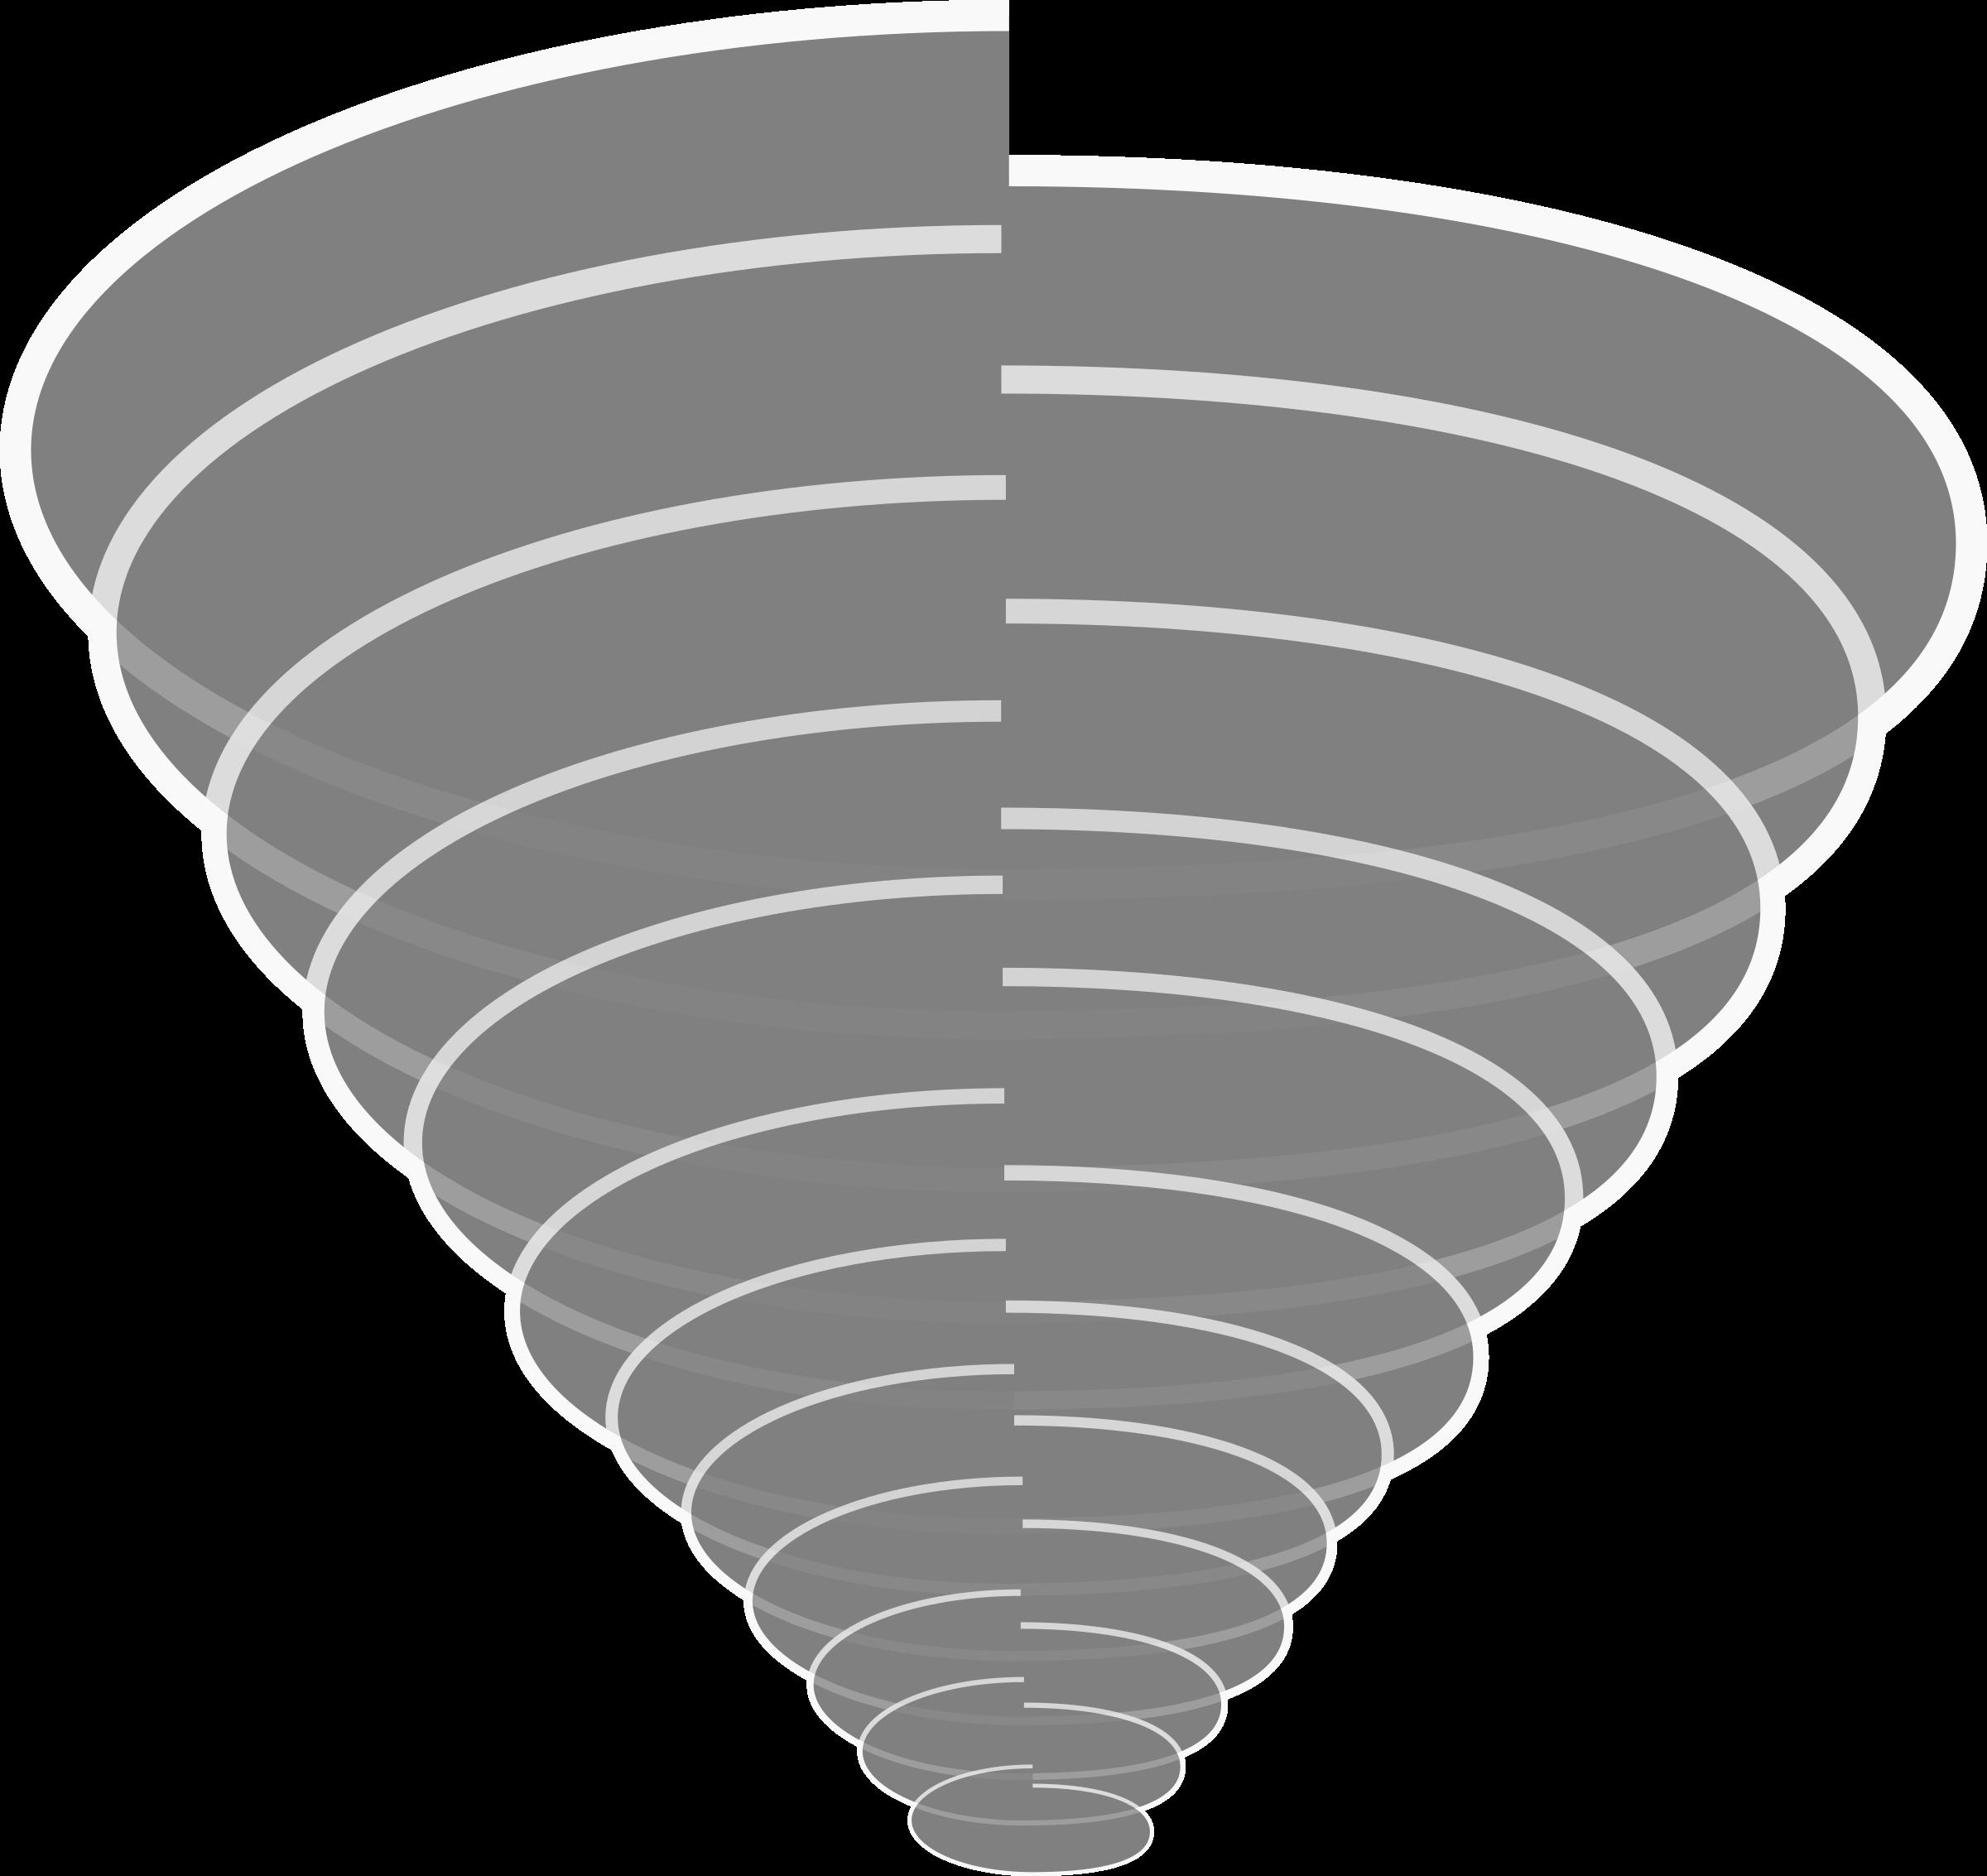 Clipart tornado